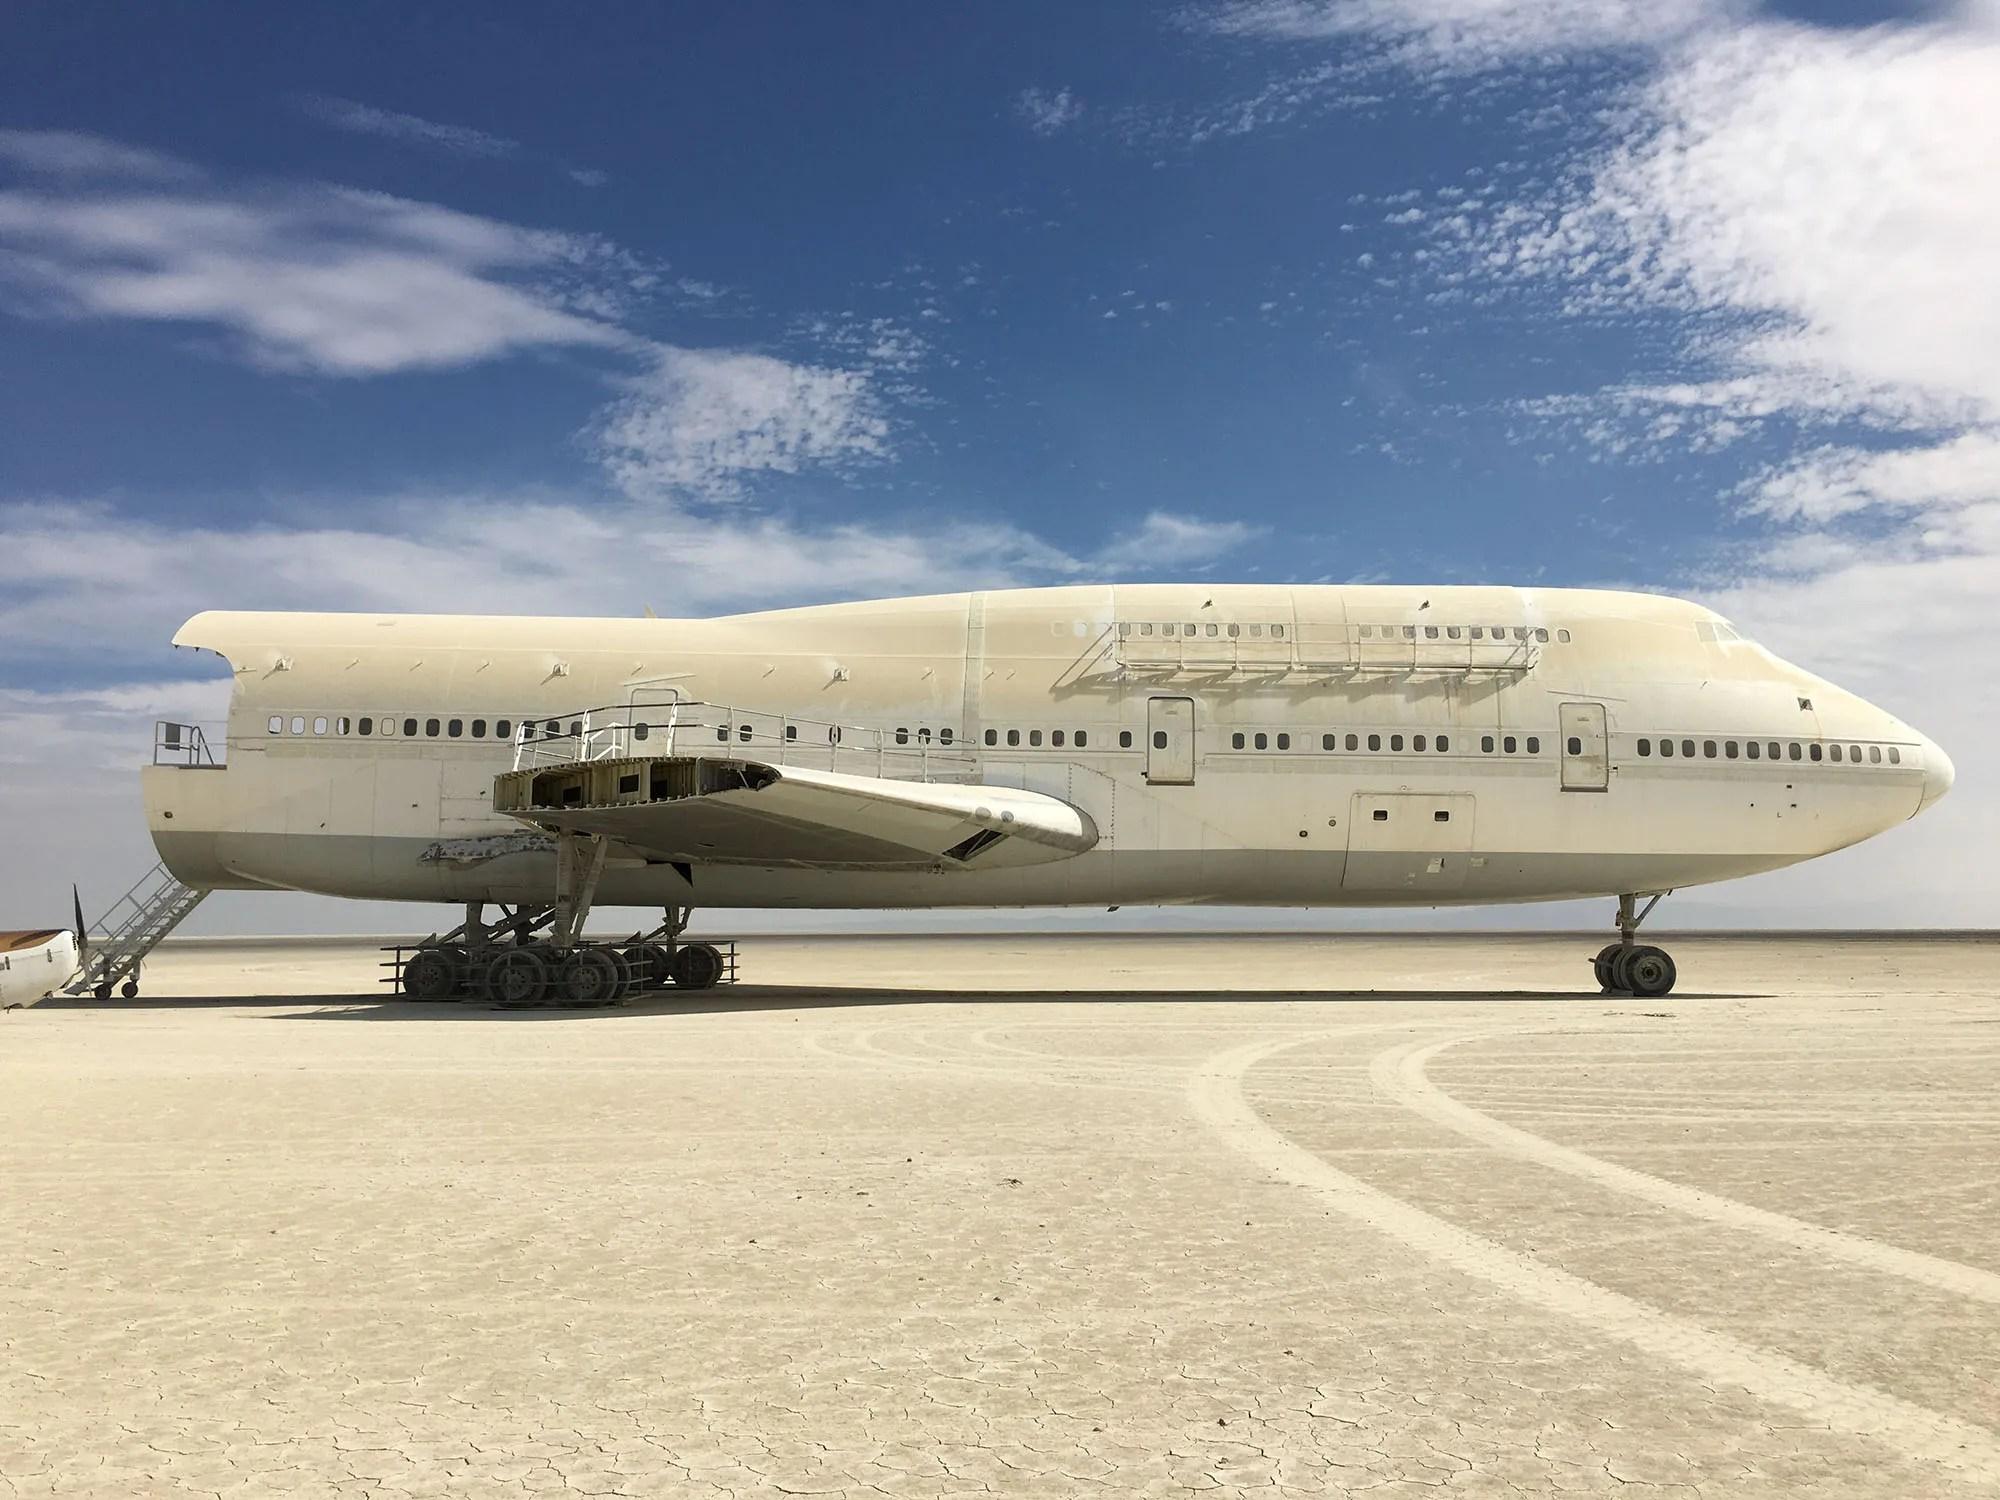 burning man 747 plane